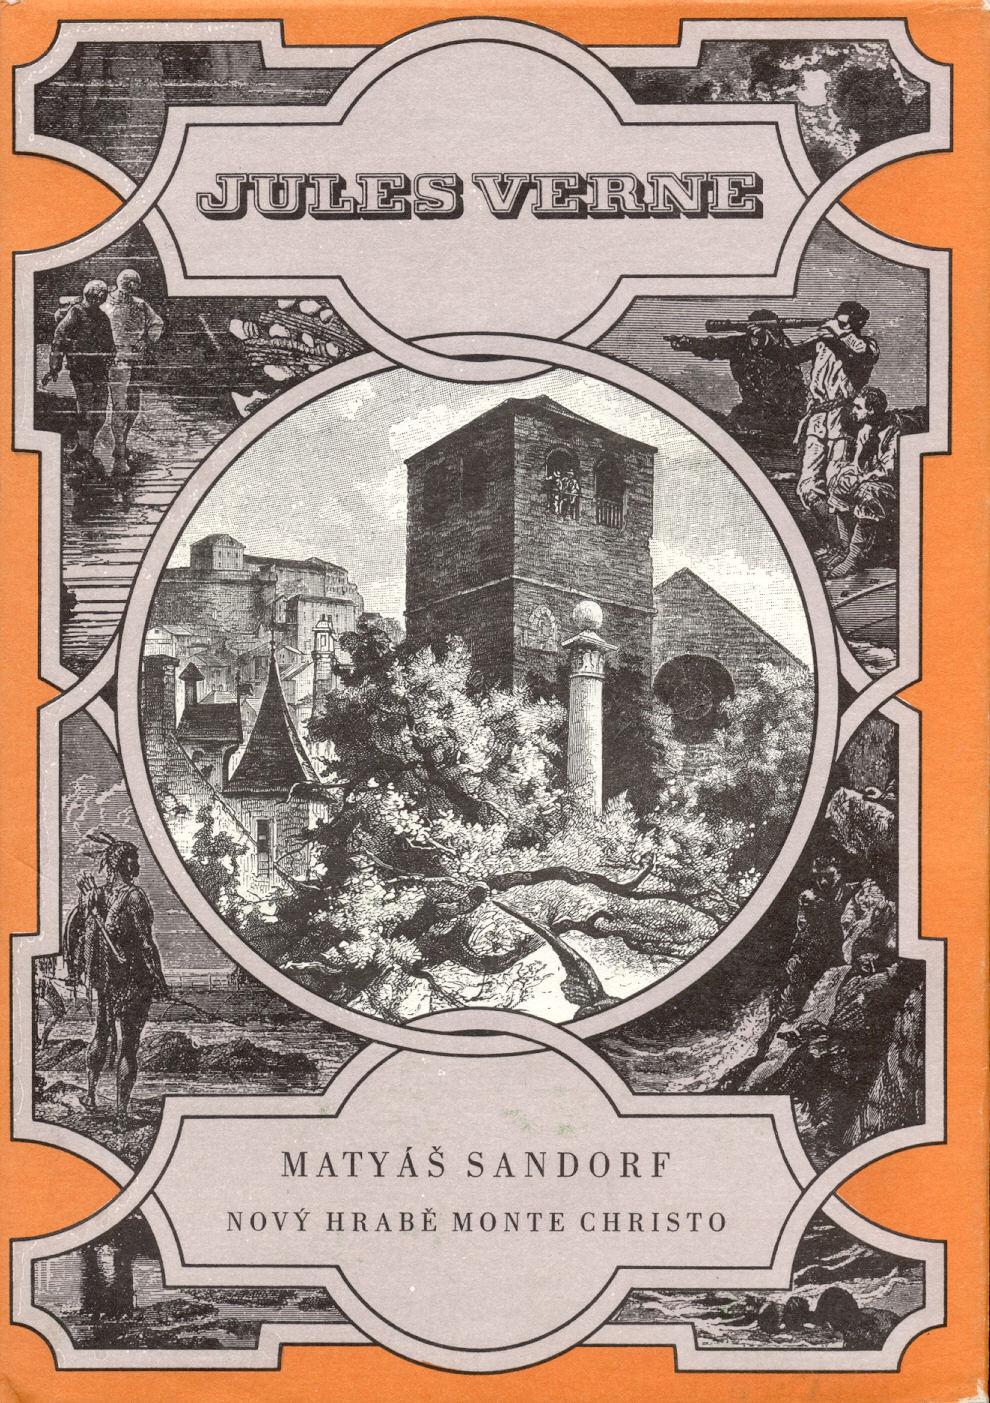 Matyáš Sandorf (Nový hrabě Monte Christo) - Jules Verne